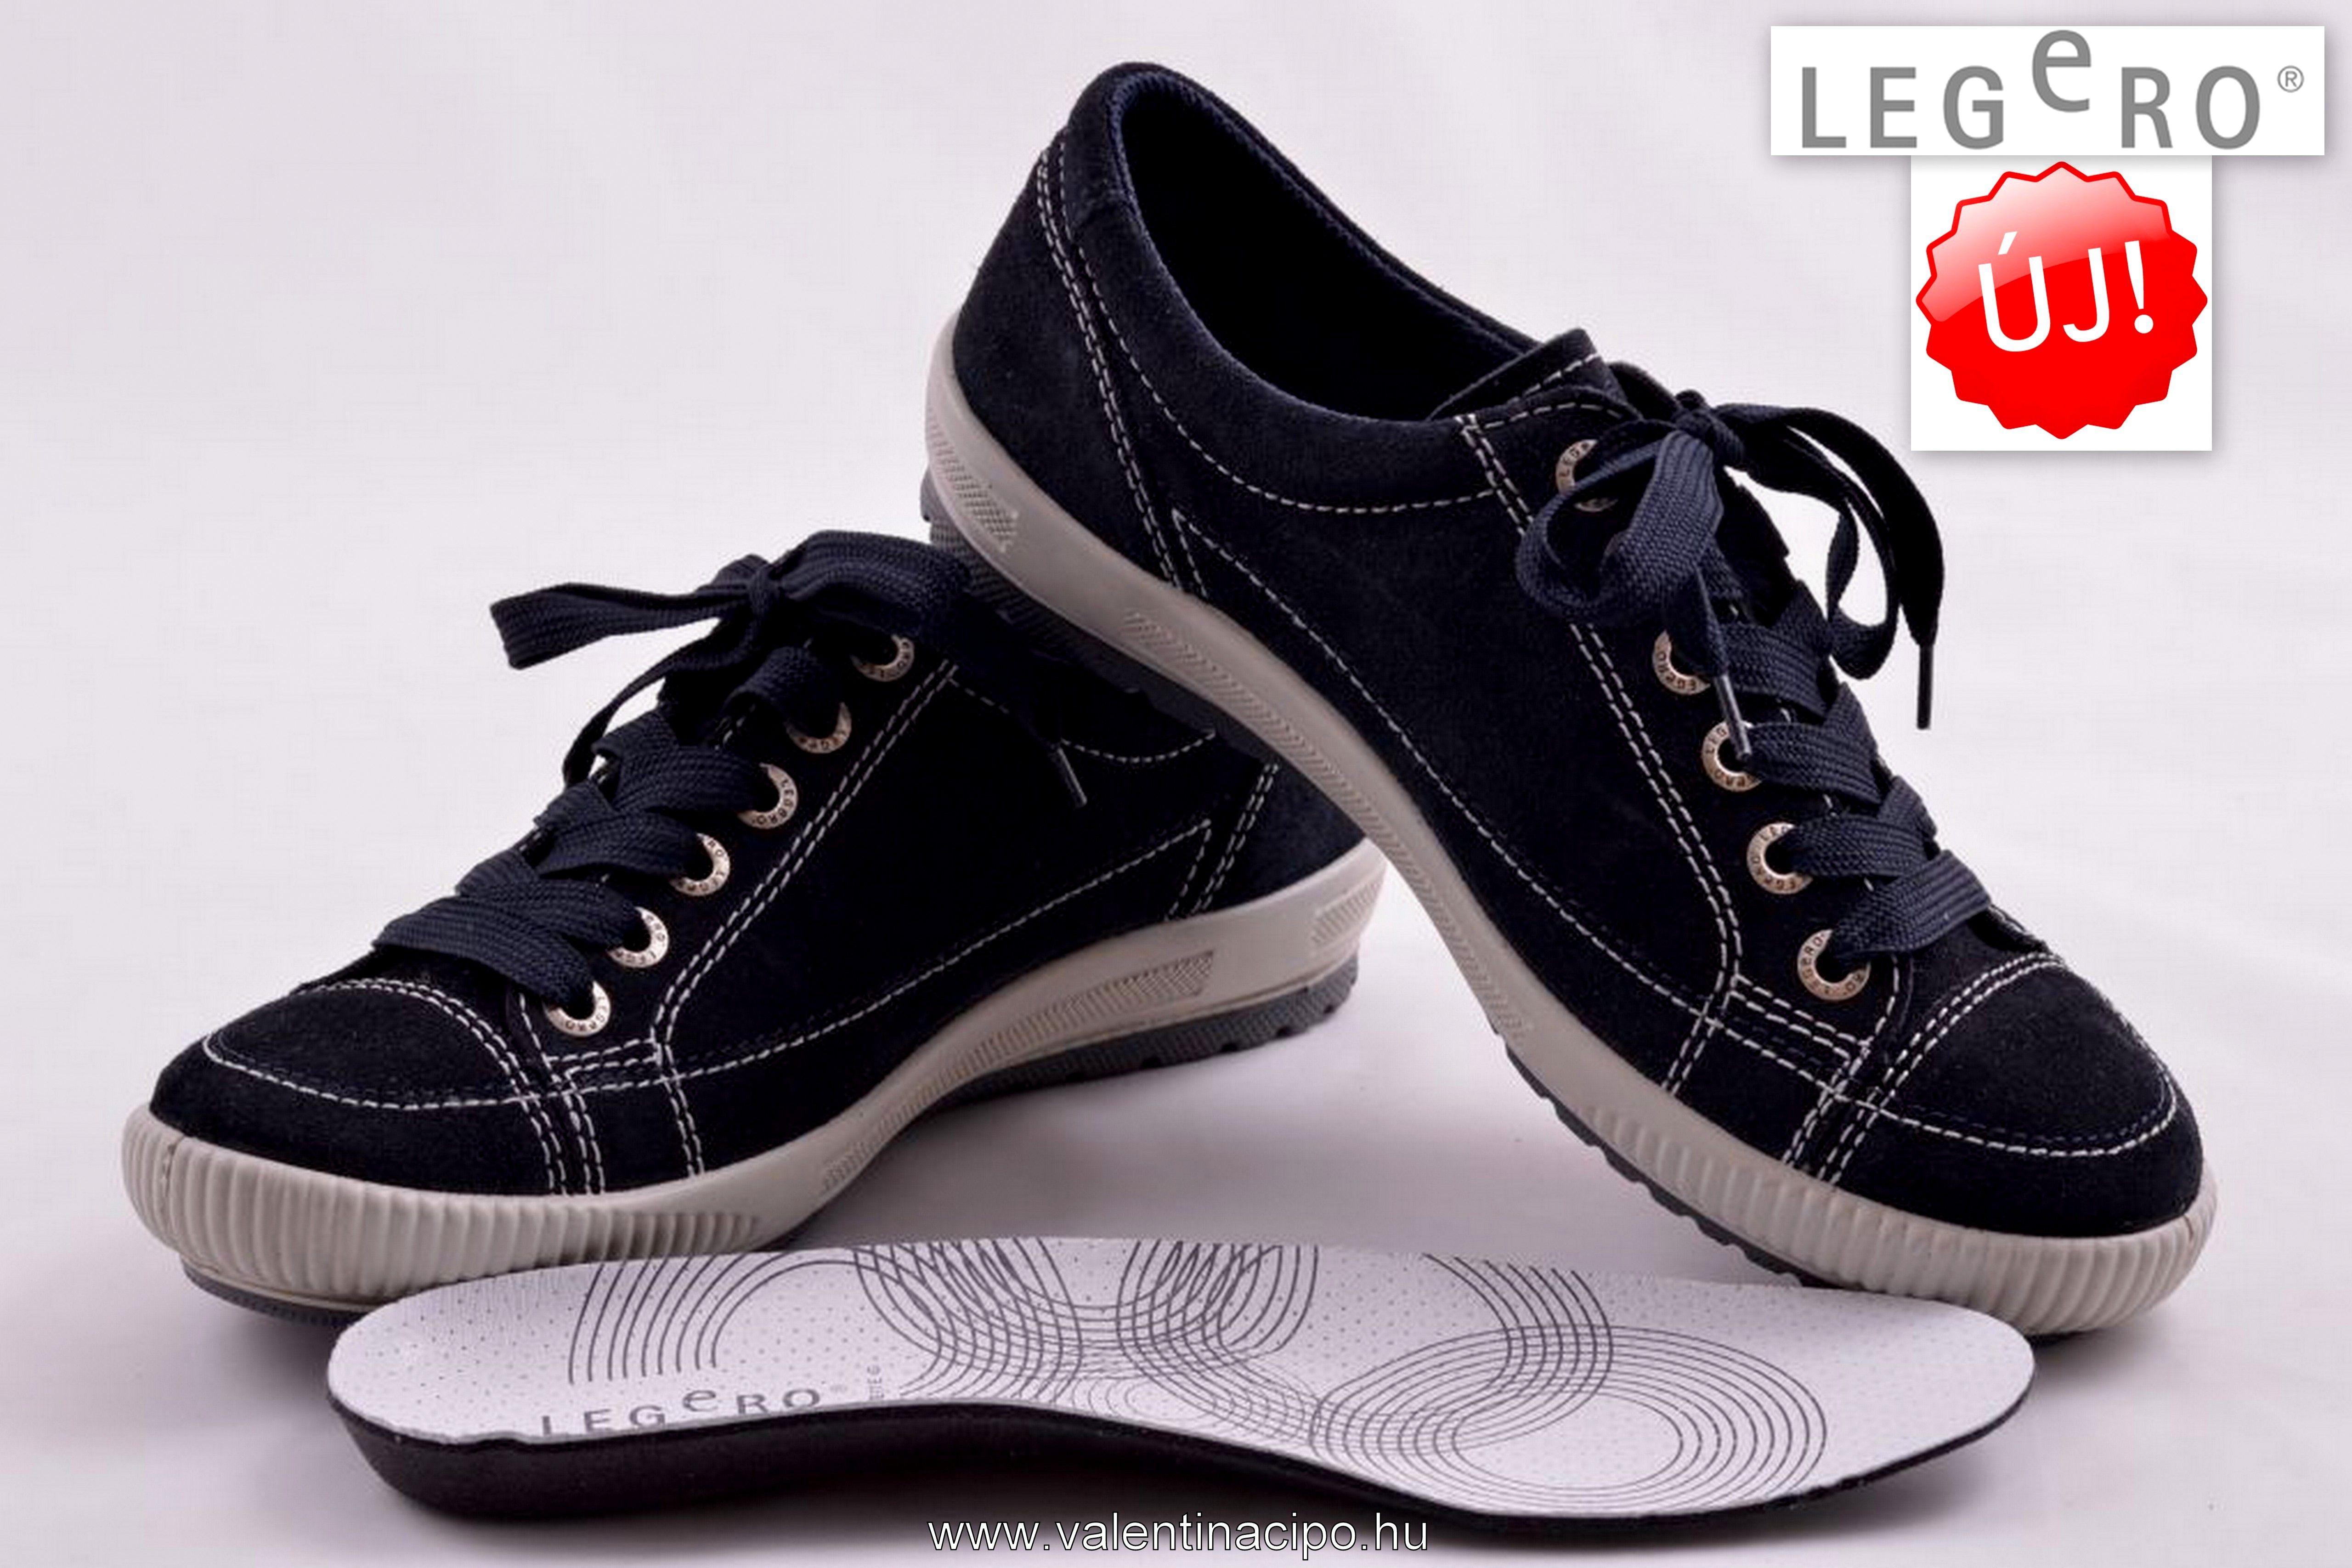 5a77eccb33 Mai napi Legero cipő ajánlatunk! http://valentinacipo.hu/00820-